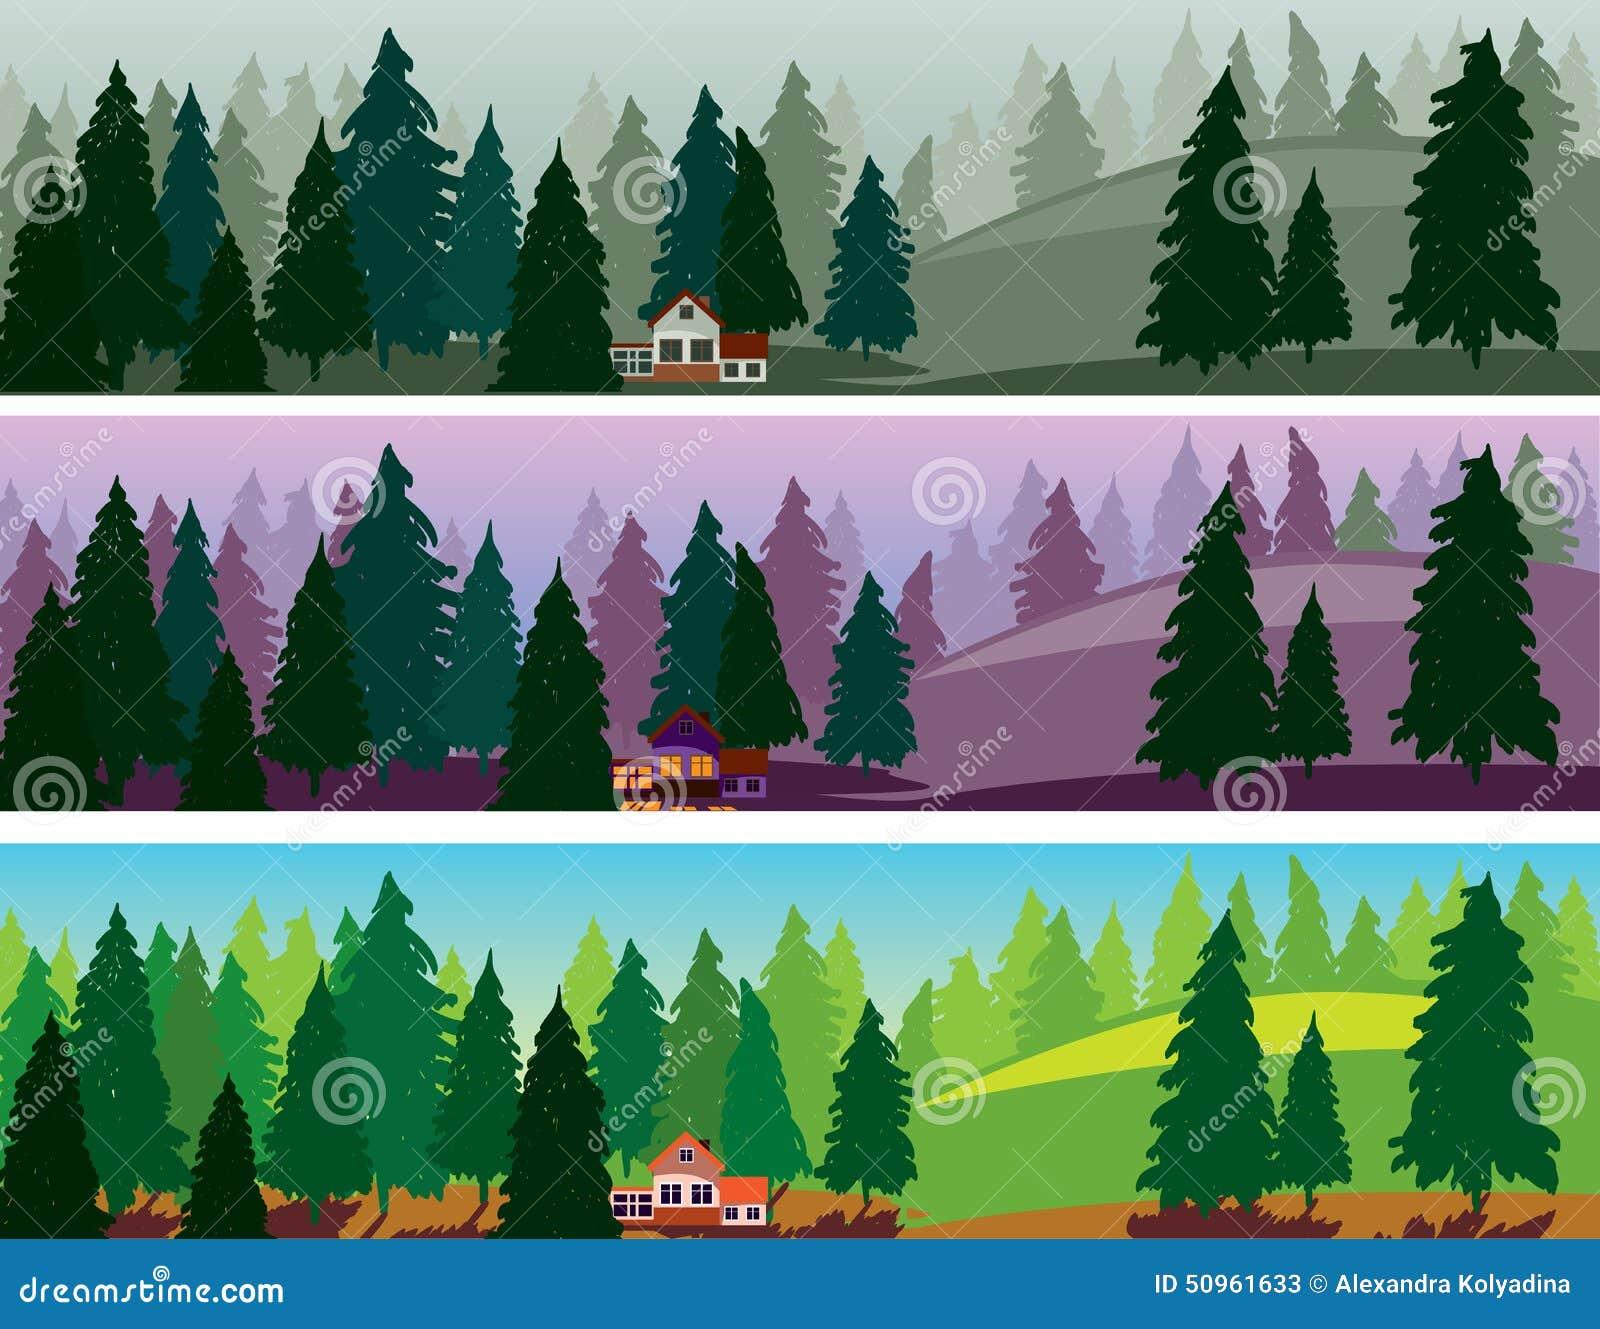 fir forest three banners fog dawn day illustration 50961633